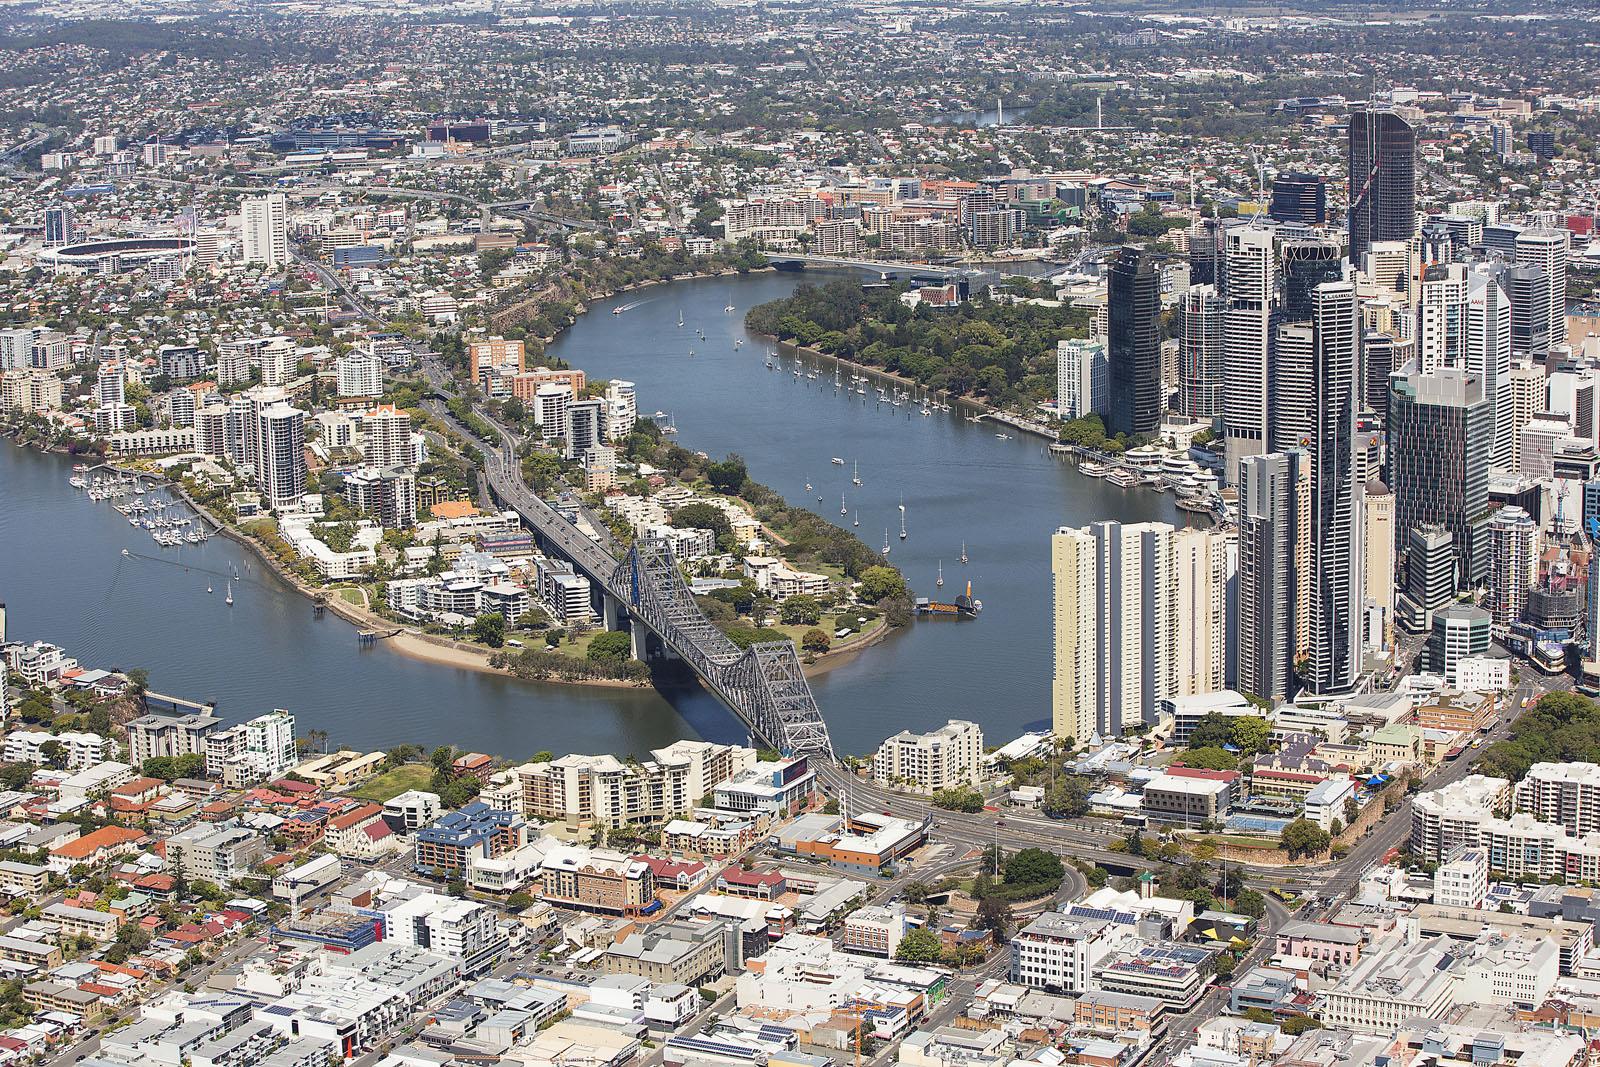 BrisbaneBuildings008.jpg